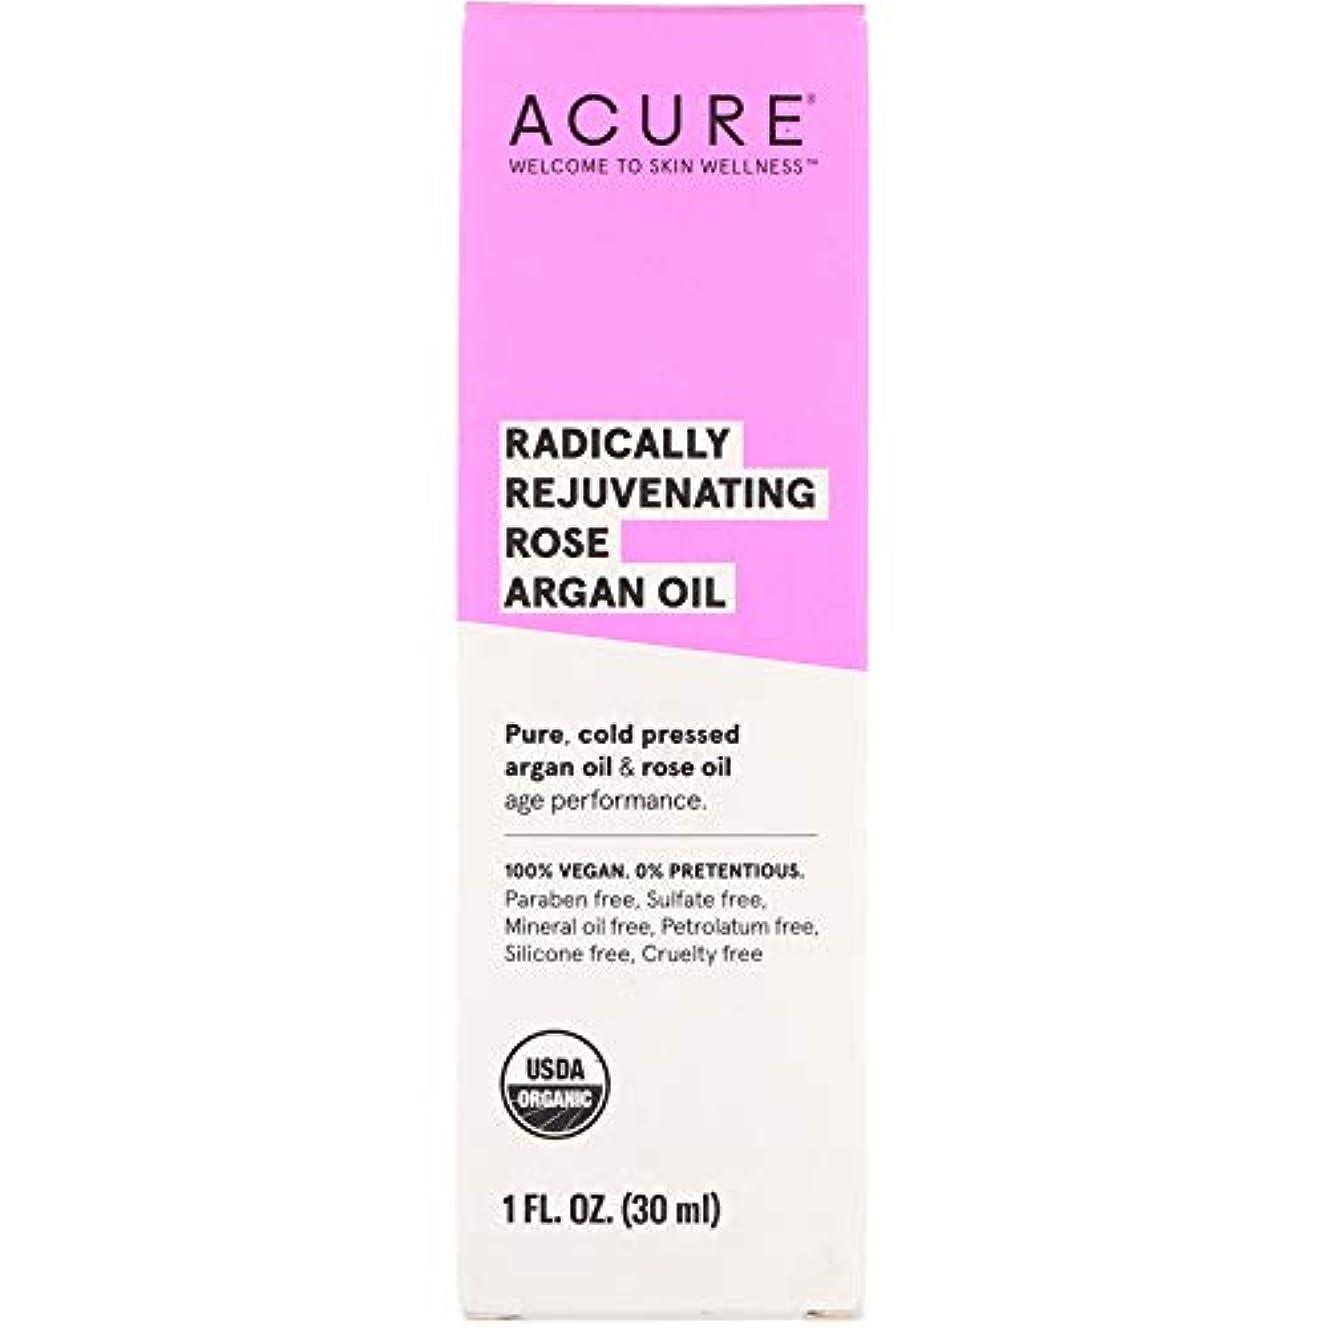 協力する理想的成熟したAcure Organics, Radically Rejuvenating, Rose Argan Oil, 1 fl oz ローズアルガンオイル (30 ml) [並行輸入品]